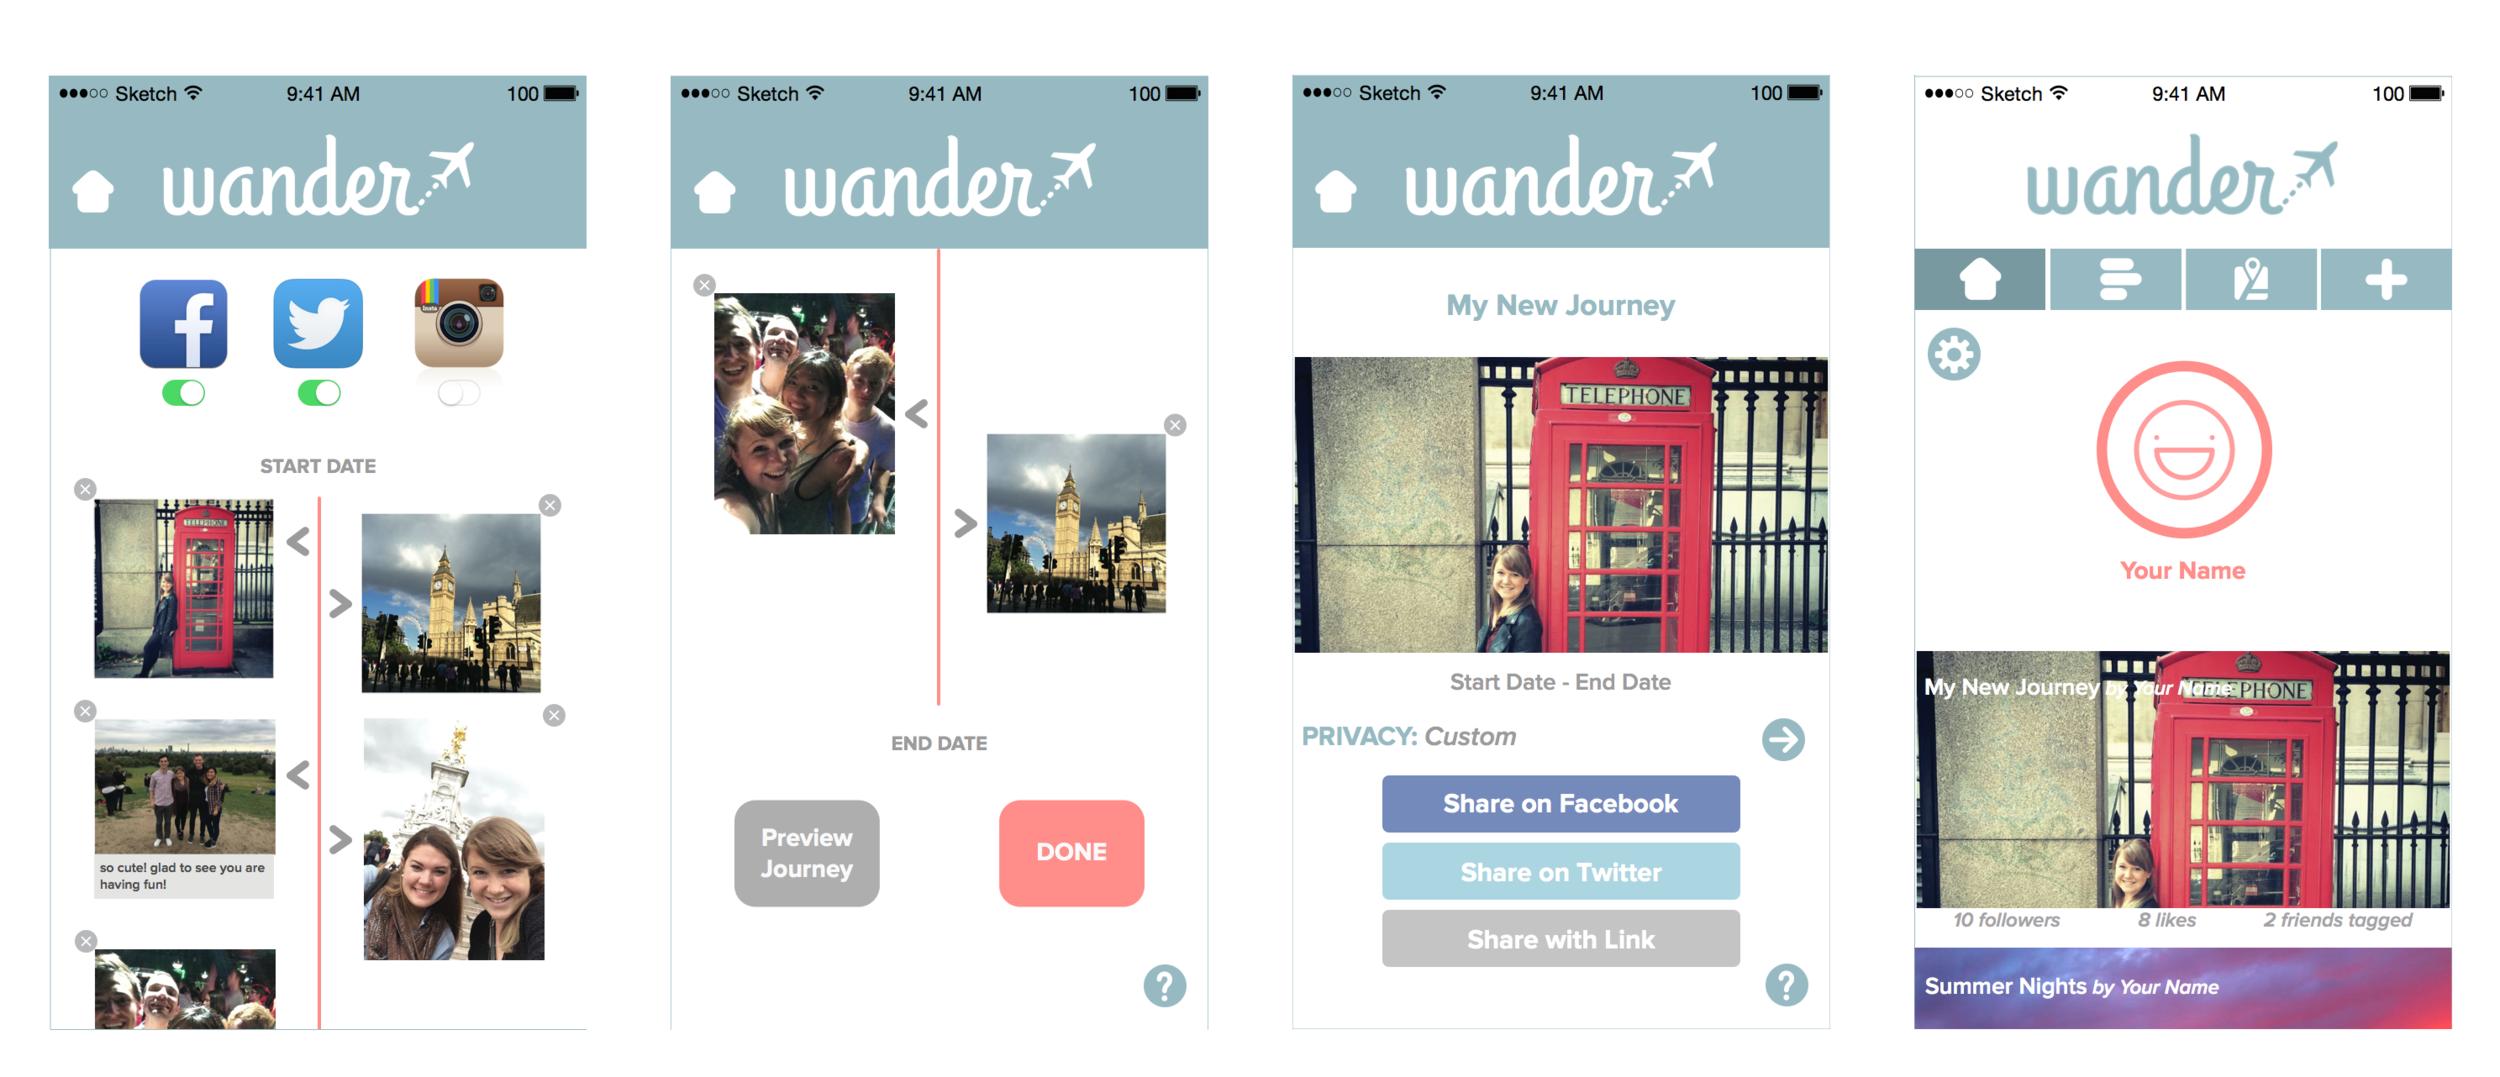 wander_journey_pt2.png